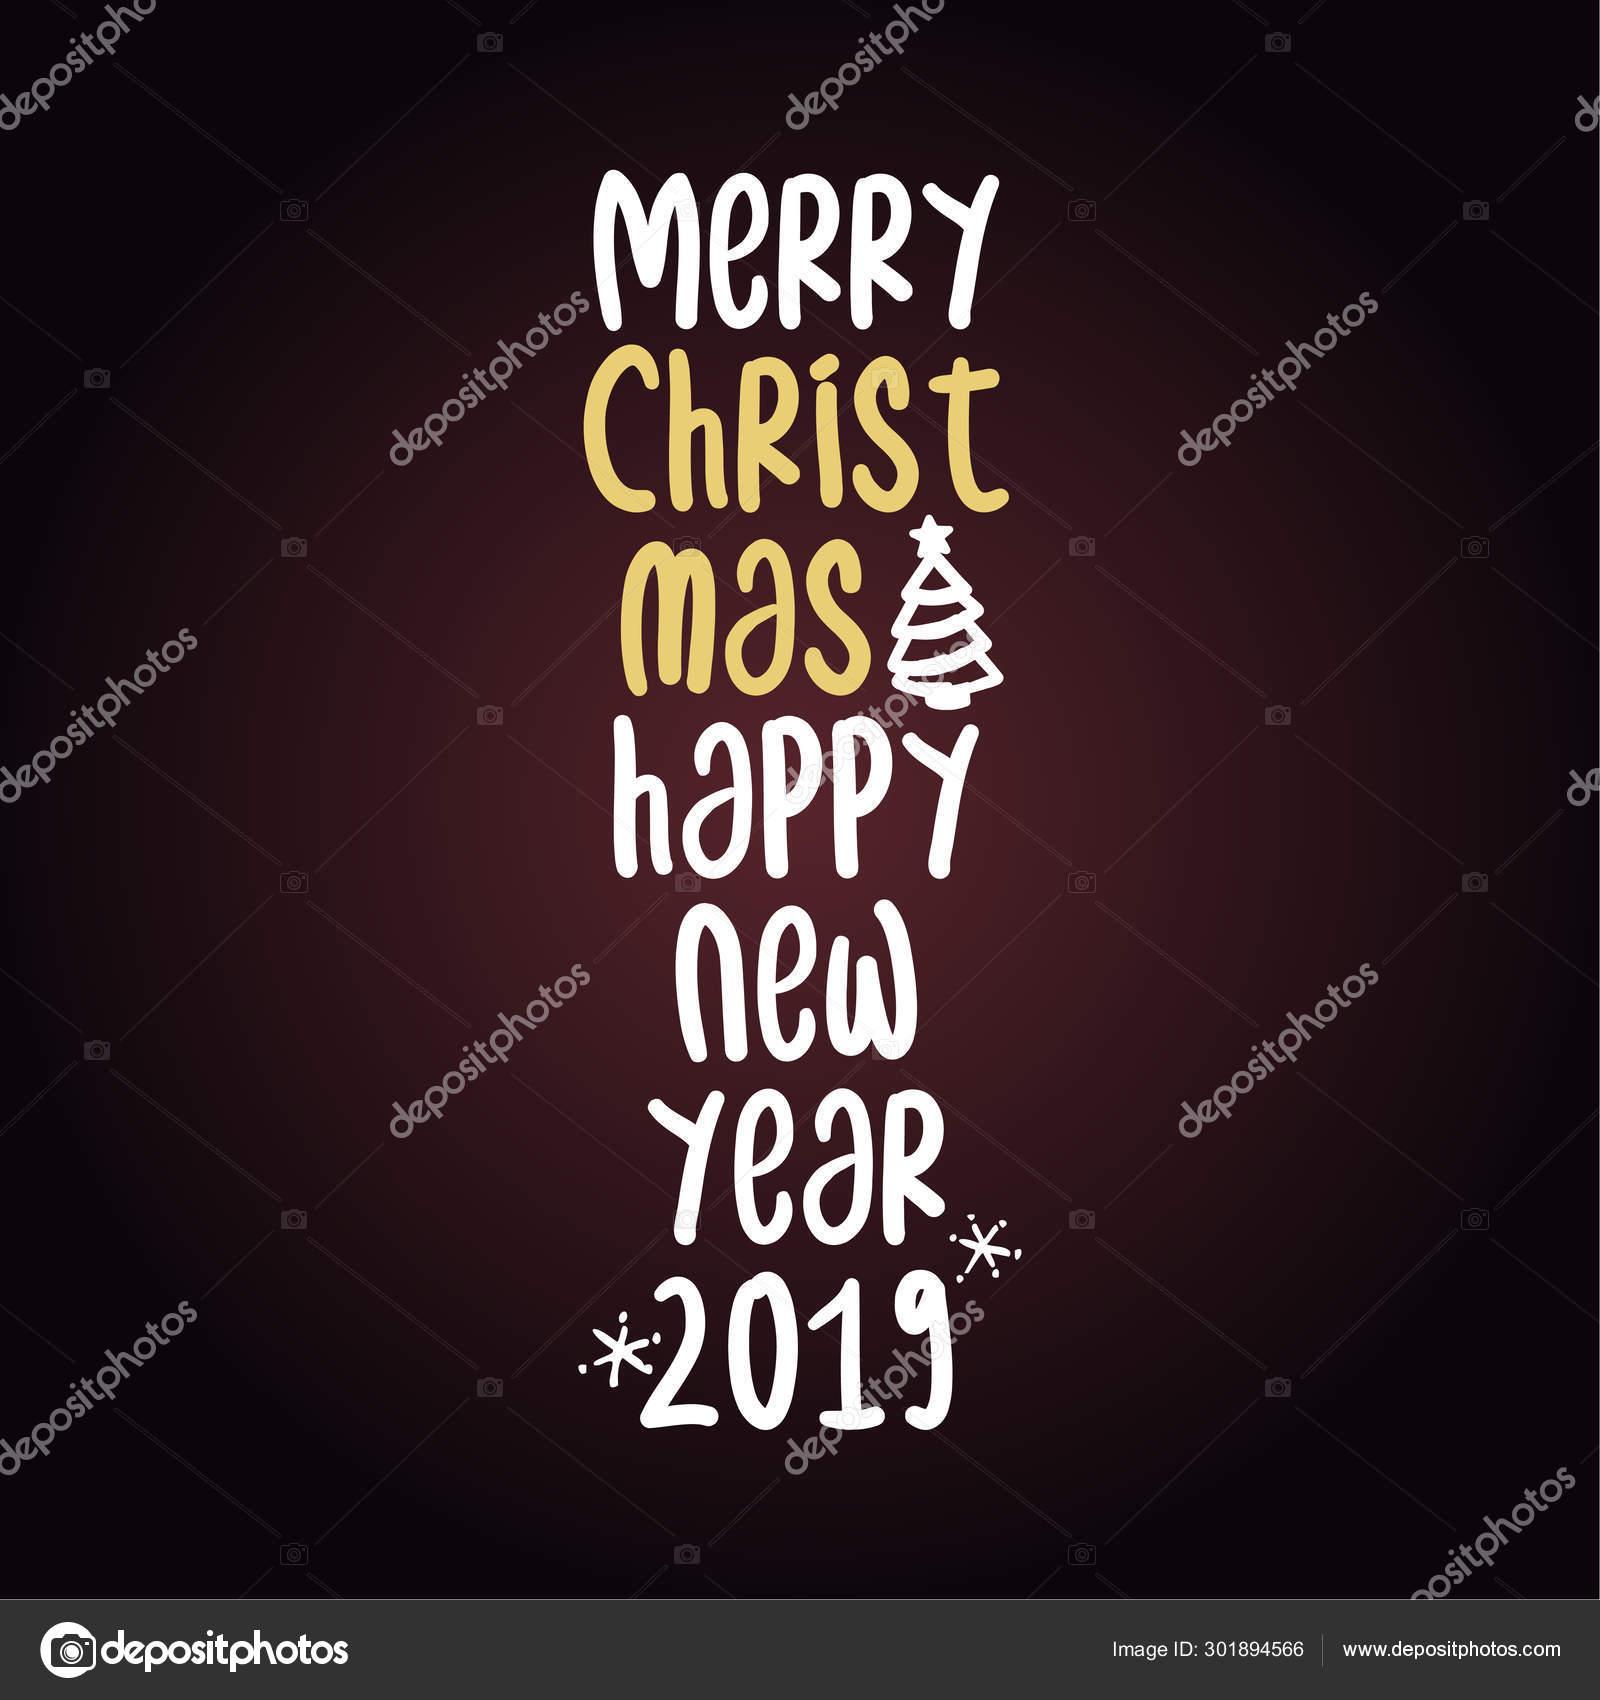 Frasi Auguri Buon Natale E Felice Anno Nuovo.Buon Natale Felice Anno Nuovo Frase Calligrafia Lettere